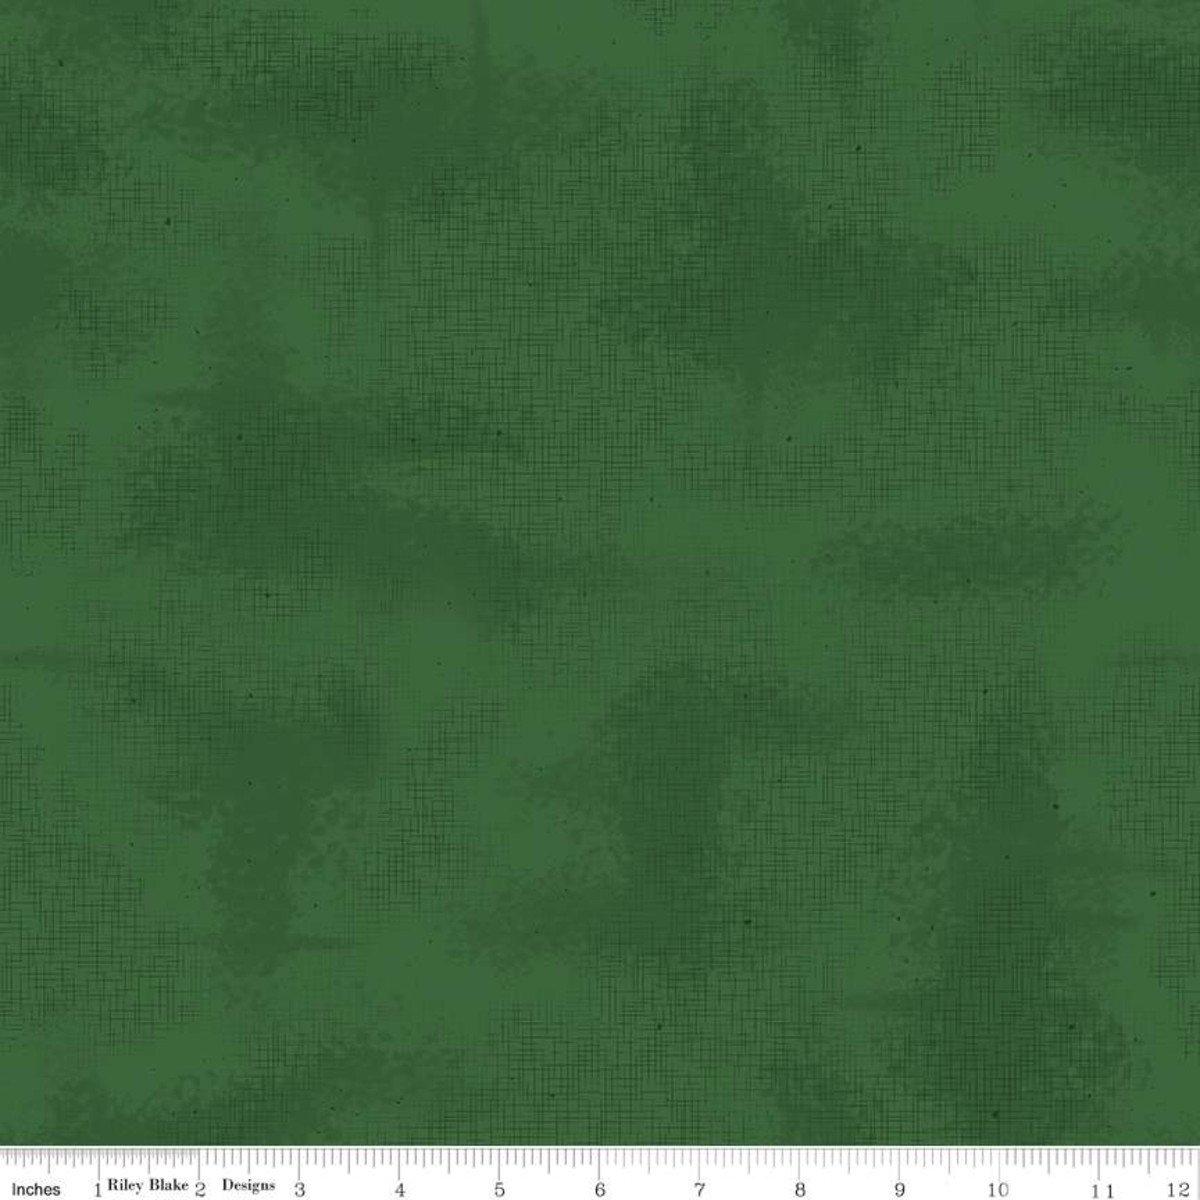 SHABBY MOUNTAIN GREEN